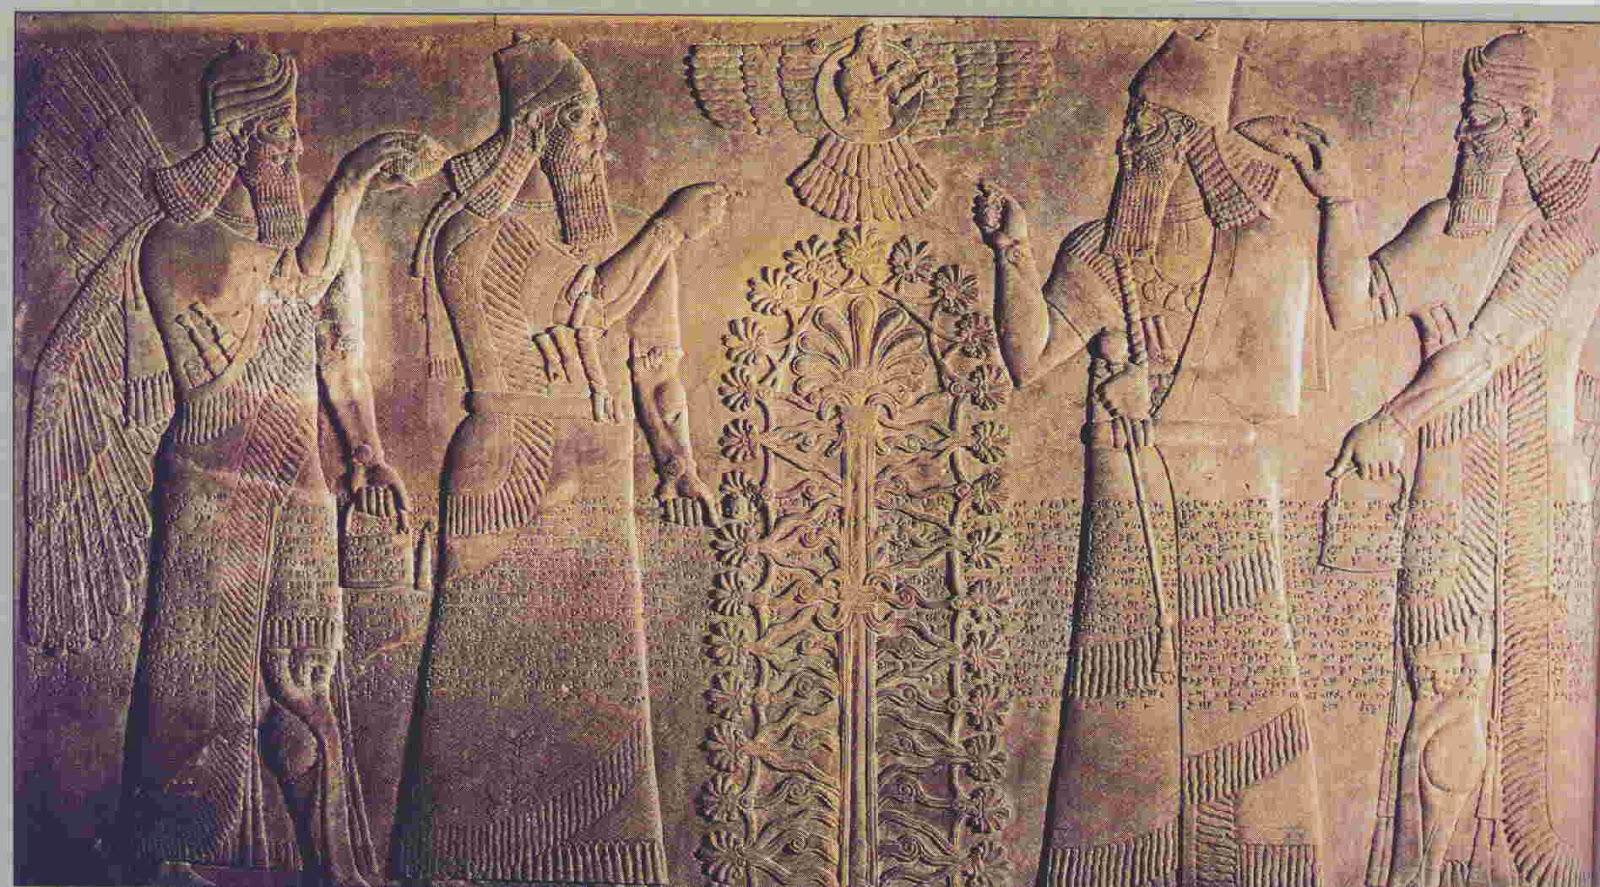 上图:新亚述时代(Neo-Assyrian)的生命树浮雕。出土于伊拉克北部尼姆鲁德(Nimrud,即宁录)阿淑尔纳西尔帕二世(Ashurnasirpal II,主前883–859年在位)的宫殿。「生命树」的记忆存在于各个古代文明之中,以不同的形式出现在古代苏美尔人、埃及人、巴比伦人、亚述人、中国人、印度人和乌拉尔图人等许多古代文明的文献和遗址里。这从侧面佐证人类的祖先都来自伊甸园。